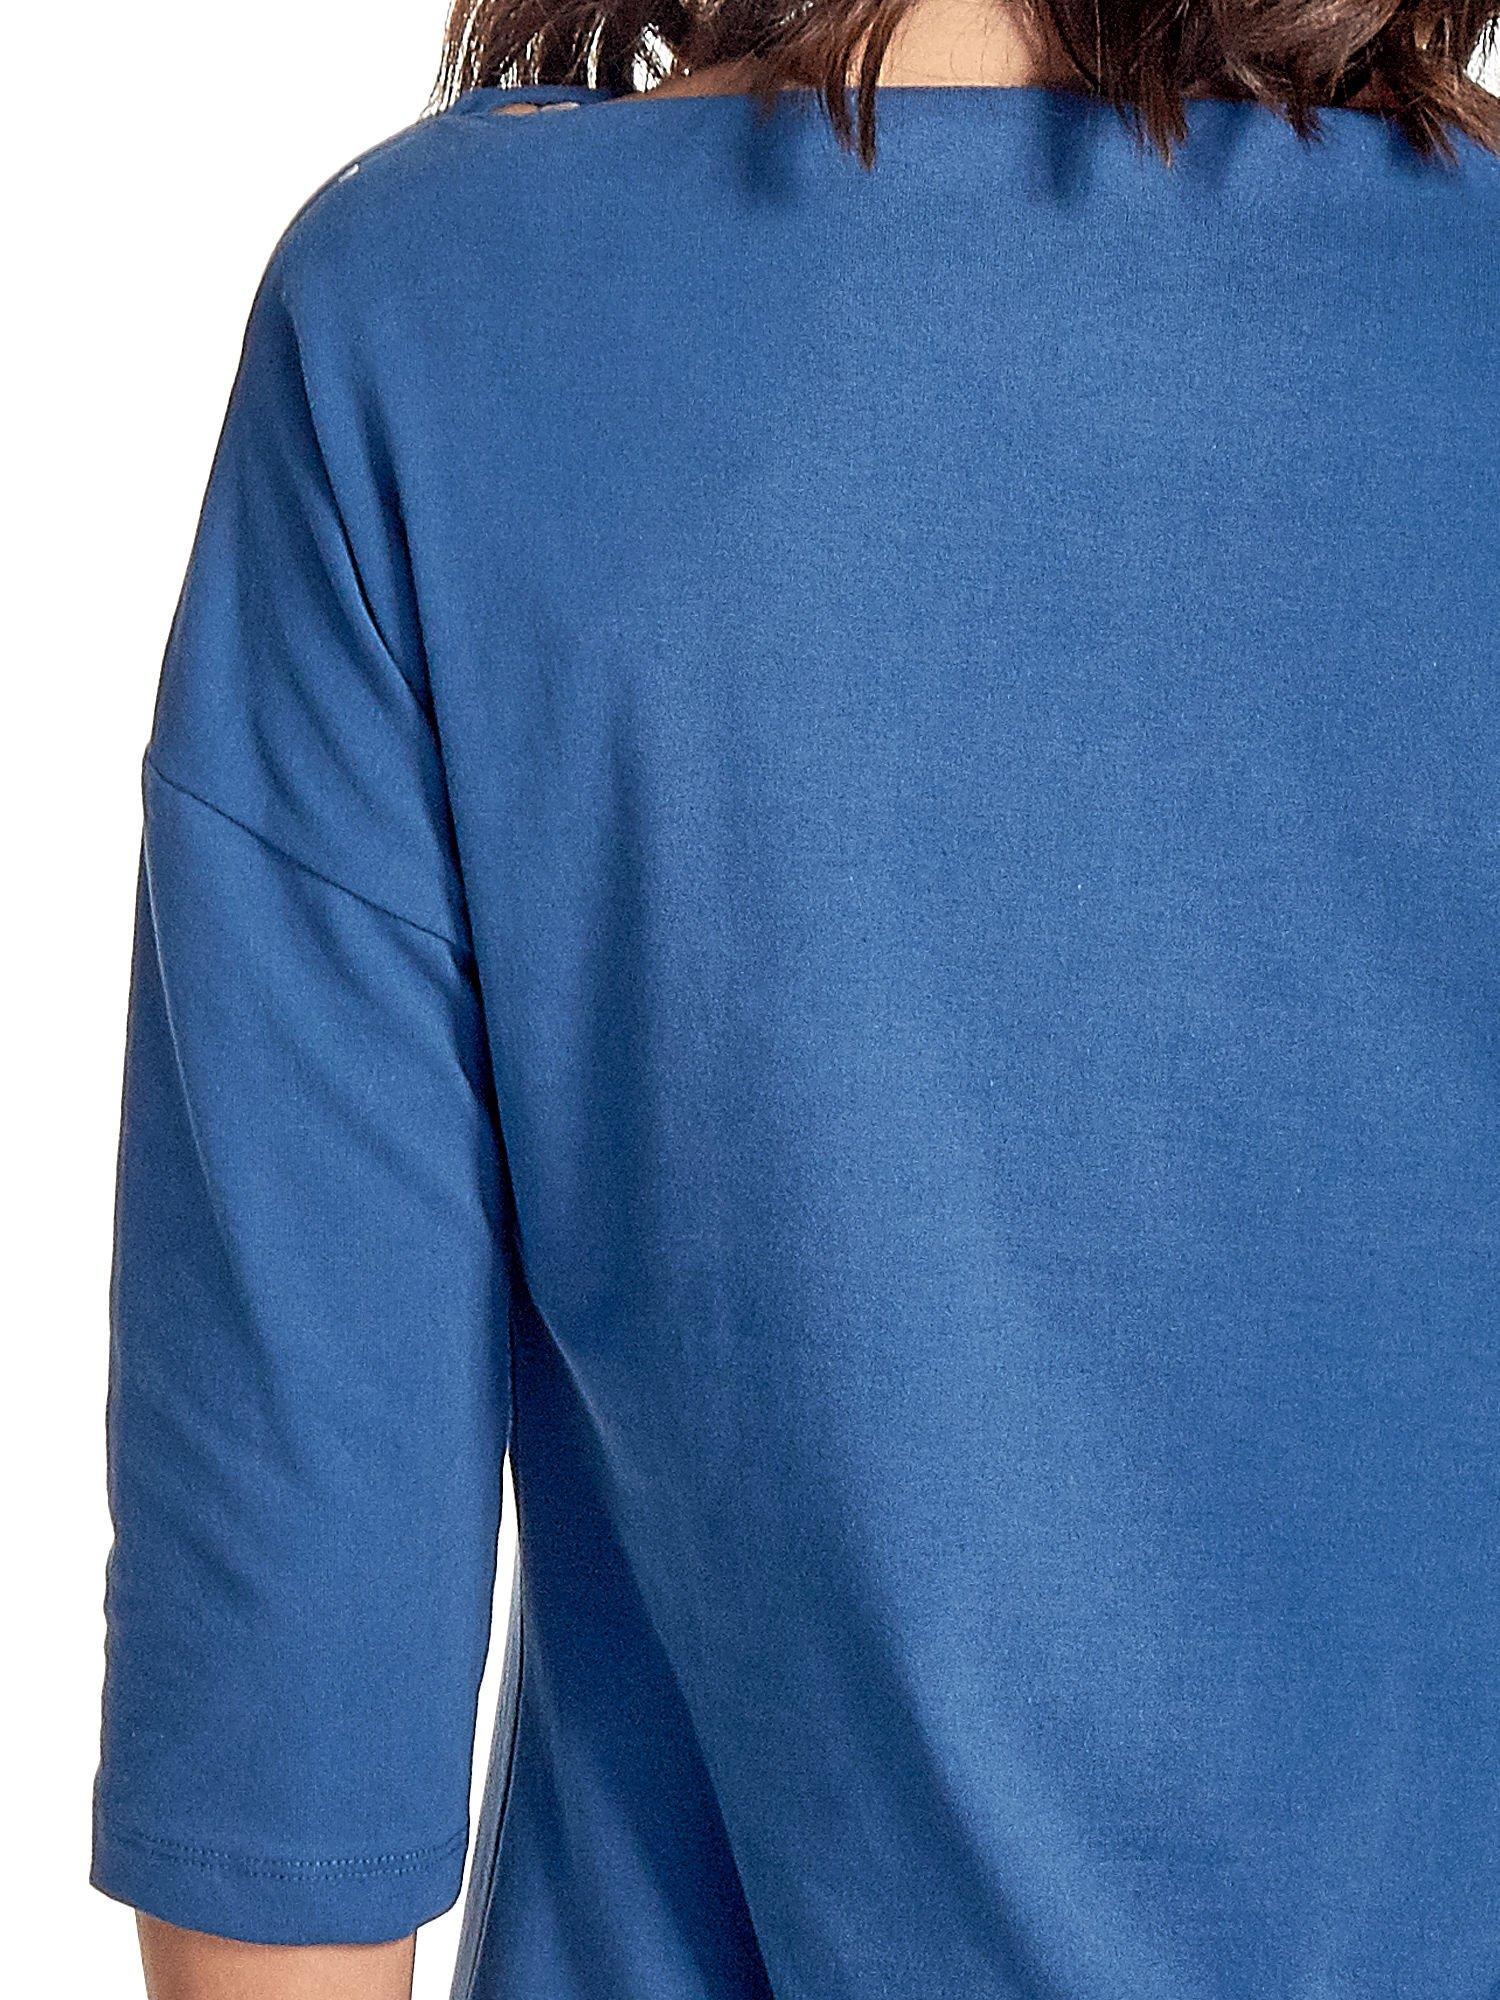 Niebieska sukienka z dekoltem w łódkę                                  zdj.                                  5